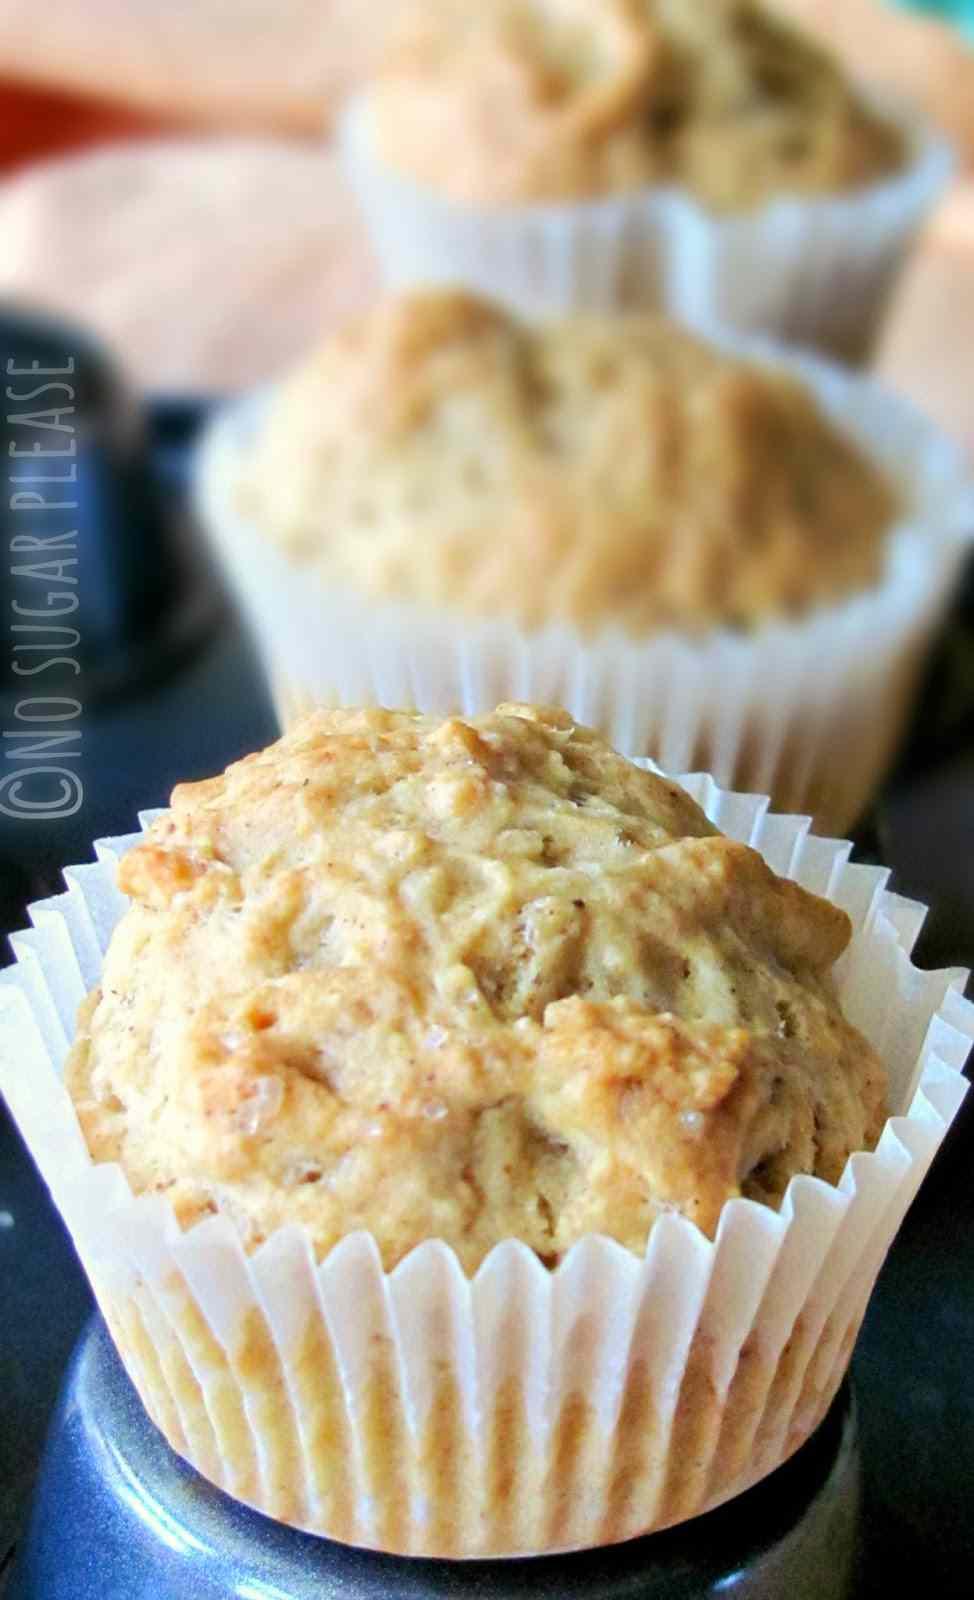 Muffin alla vaniglia e cacao amaro